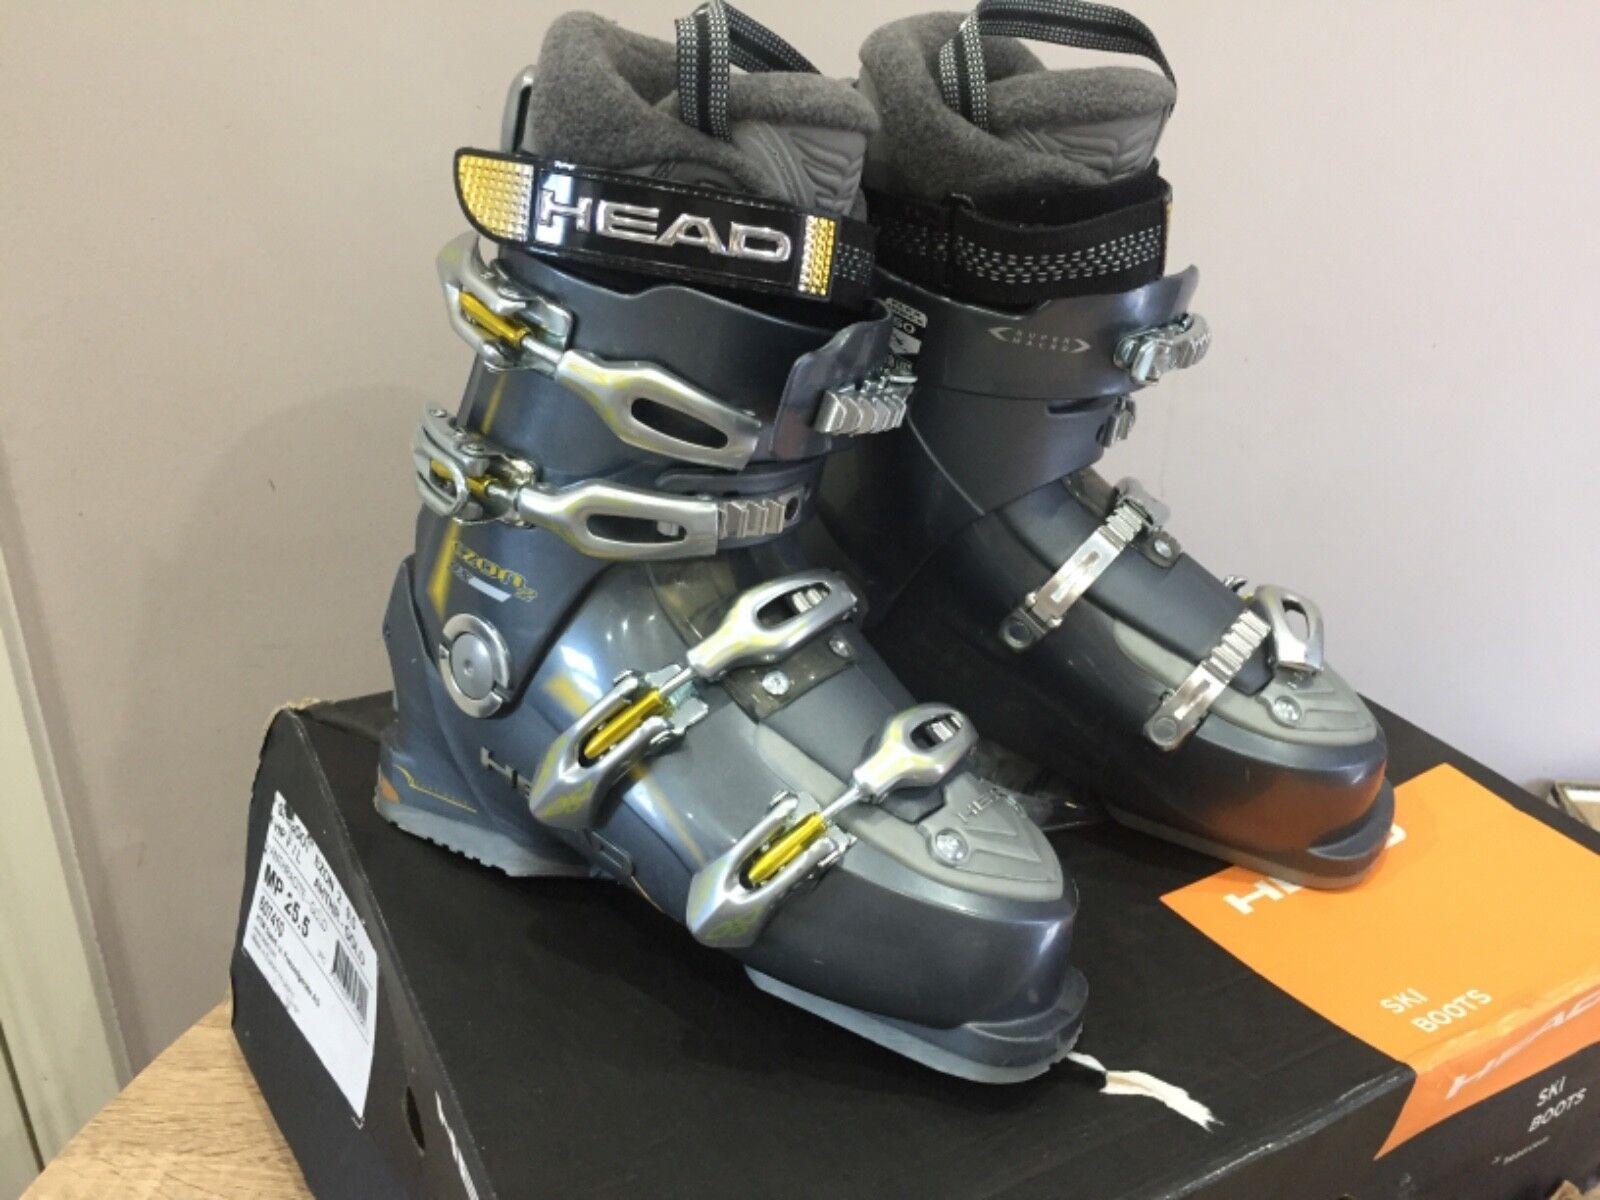 Head, SKI Stiefel Größe 7 mon 25.5 and Ski 190cm